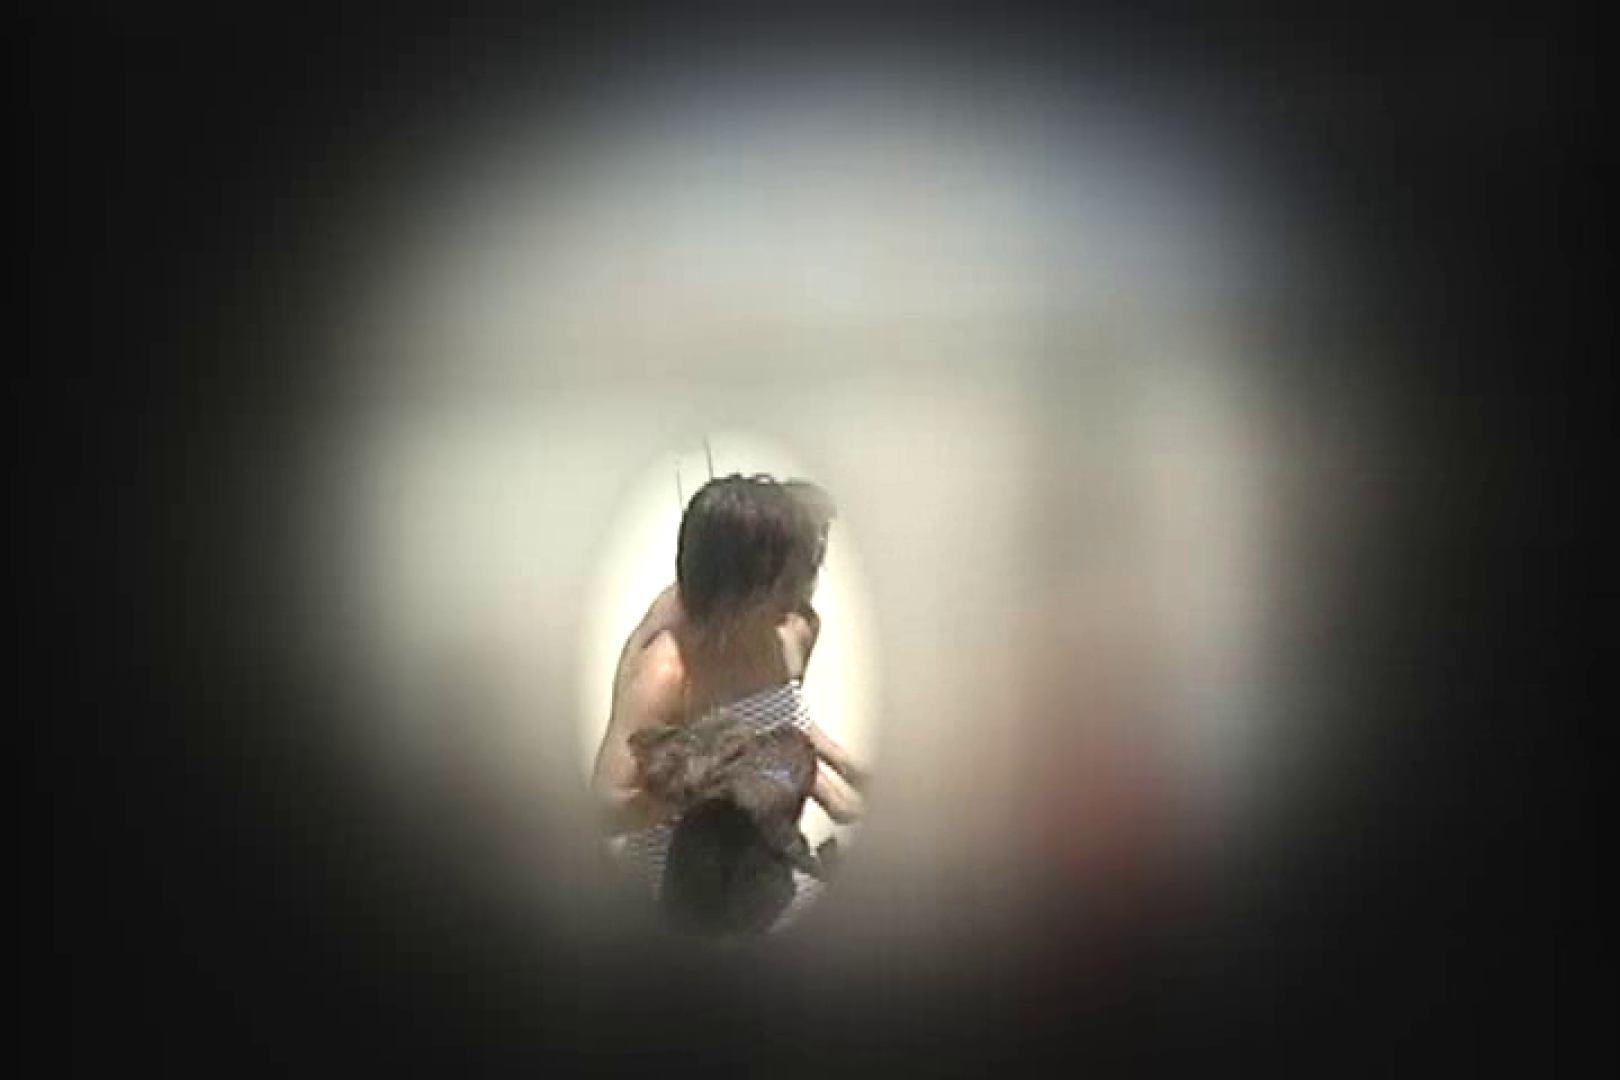 サターンさんのウル技炸裂!!夏乙女★海の家シャワー室絵巻 Vol.01 OL | シャワー中  103連発 8